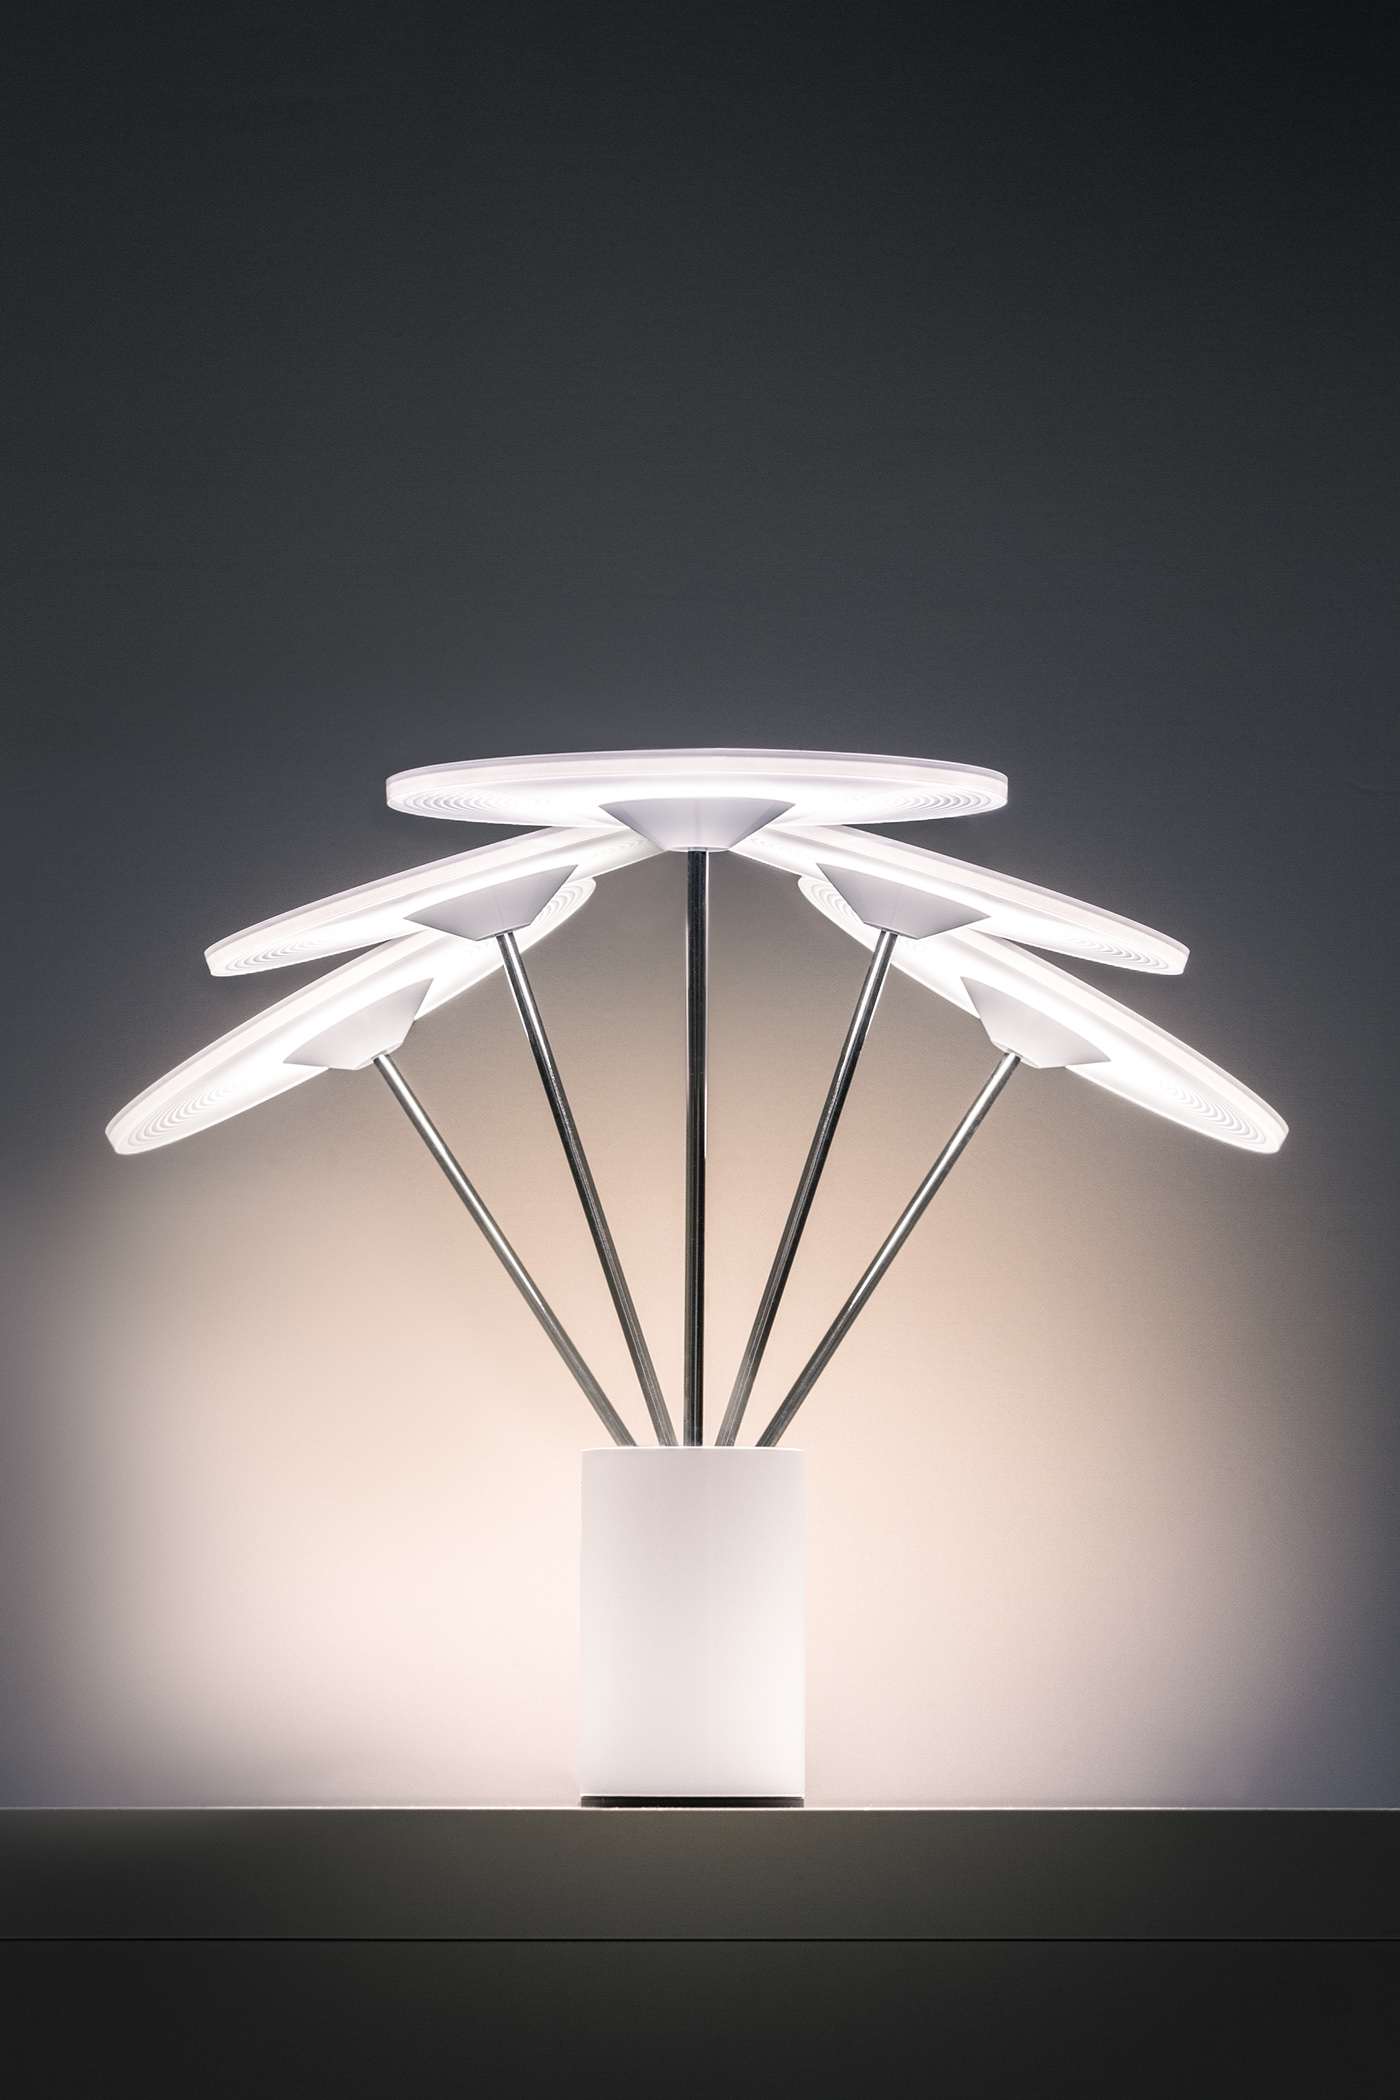 Sisifo创意台灯设计